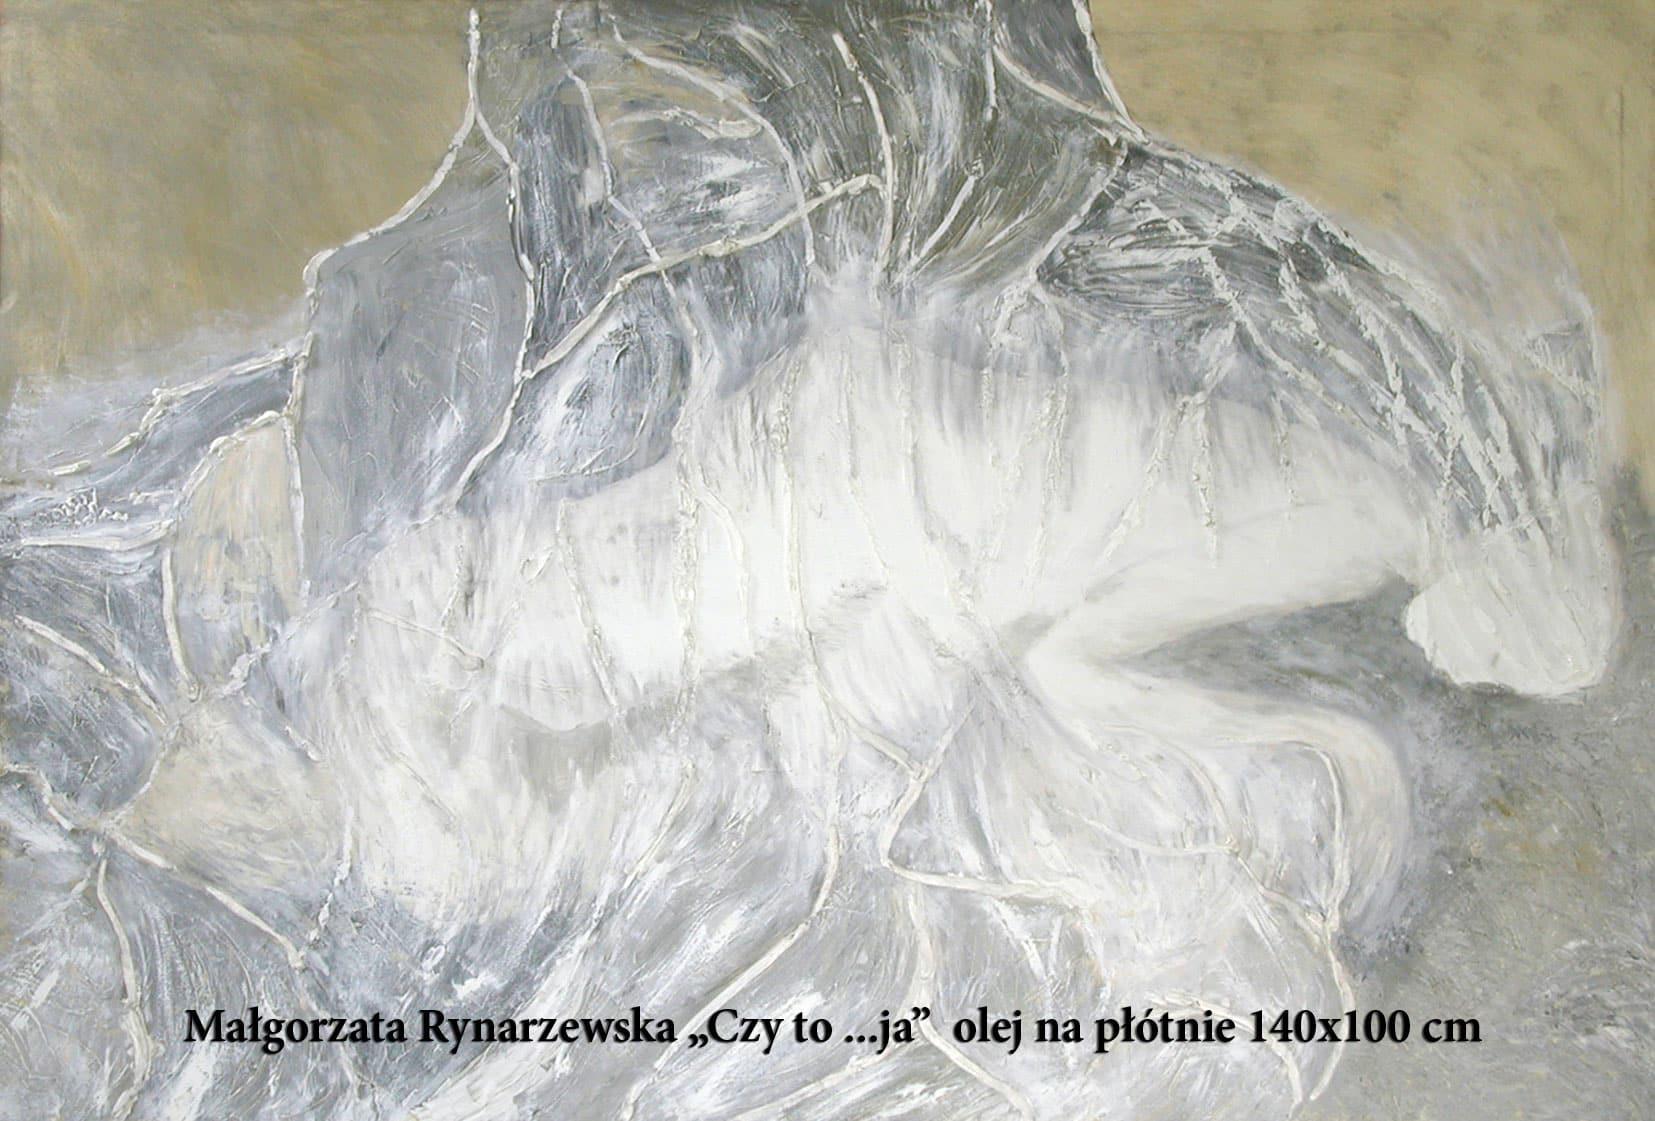 Małgorzata Rynarzewska – Czy to ja